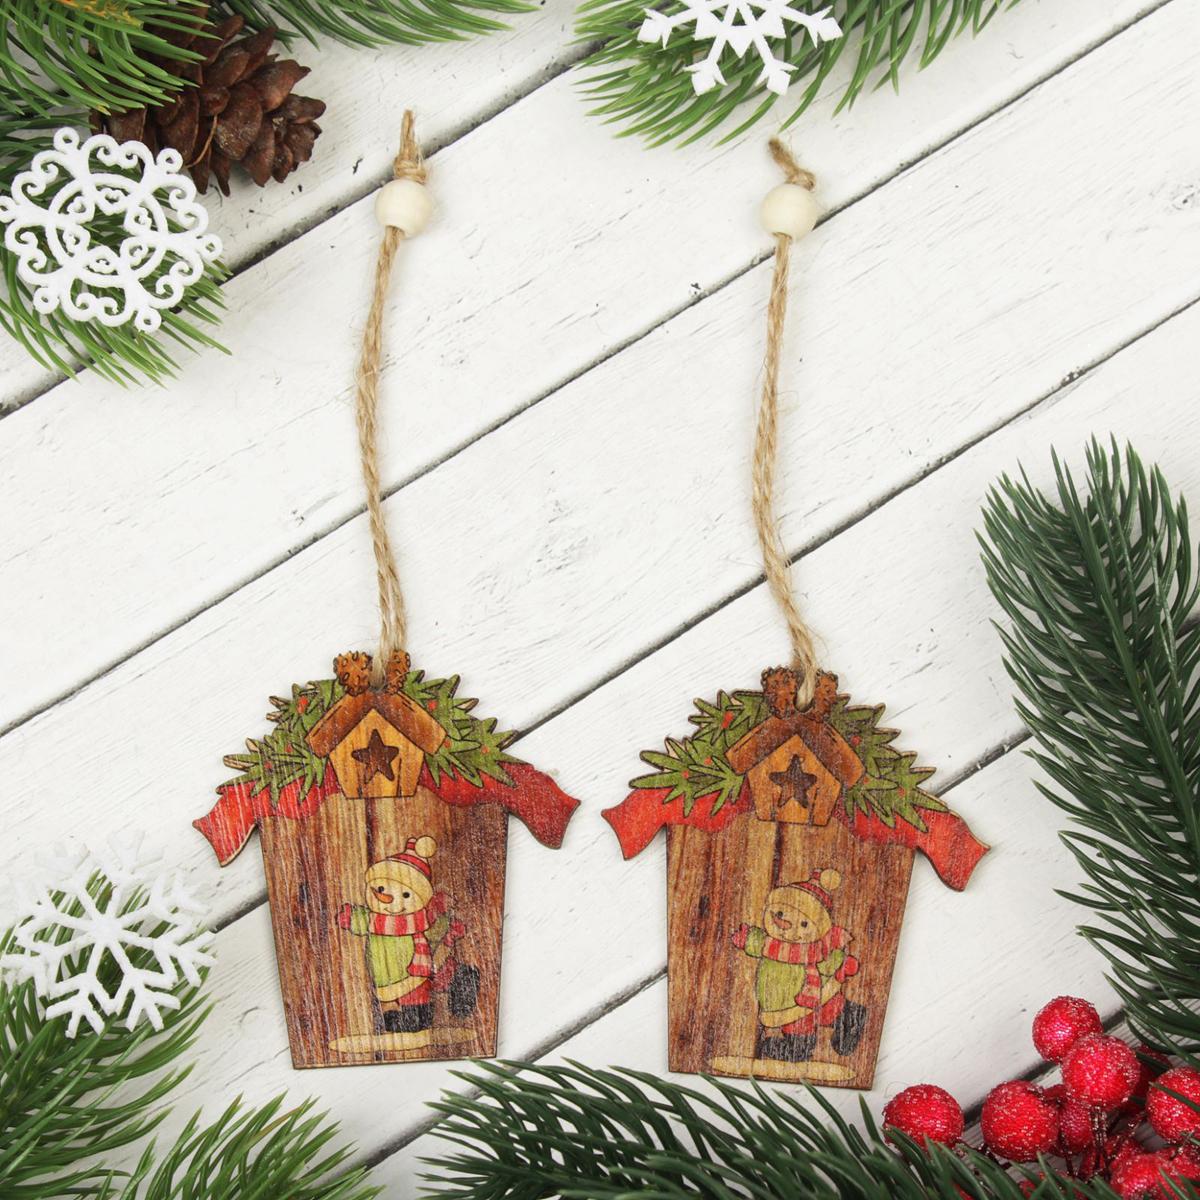 Подвеска новогодняя Снеговичок в домике, 7 х 6,5 см, 2 шт2303265Новогодняя подвеска Снеговик в домике выполнена из дерева в виде домика с изображением снеговика. Подвеску можно повесить на елку благодаря специальному текстильному шнурку.Невозможно представить нашу жизнь без праздников! Мы всегда ждем их и предвкушаем, обдумываем, как проведем памятный день, тщательно выбираем подарки и аксессуары, ведь именно они создают и поддерживают торжественный настрой. Это отличный выбор, который привнесет атмосферу праздника в ваш дом!